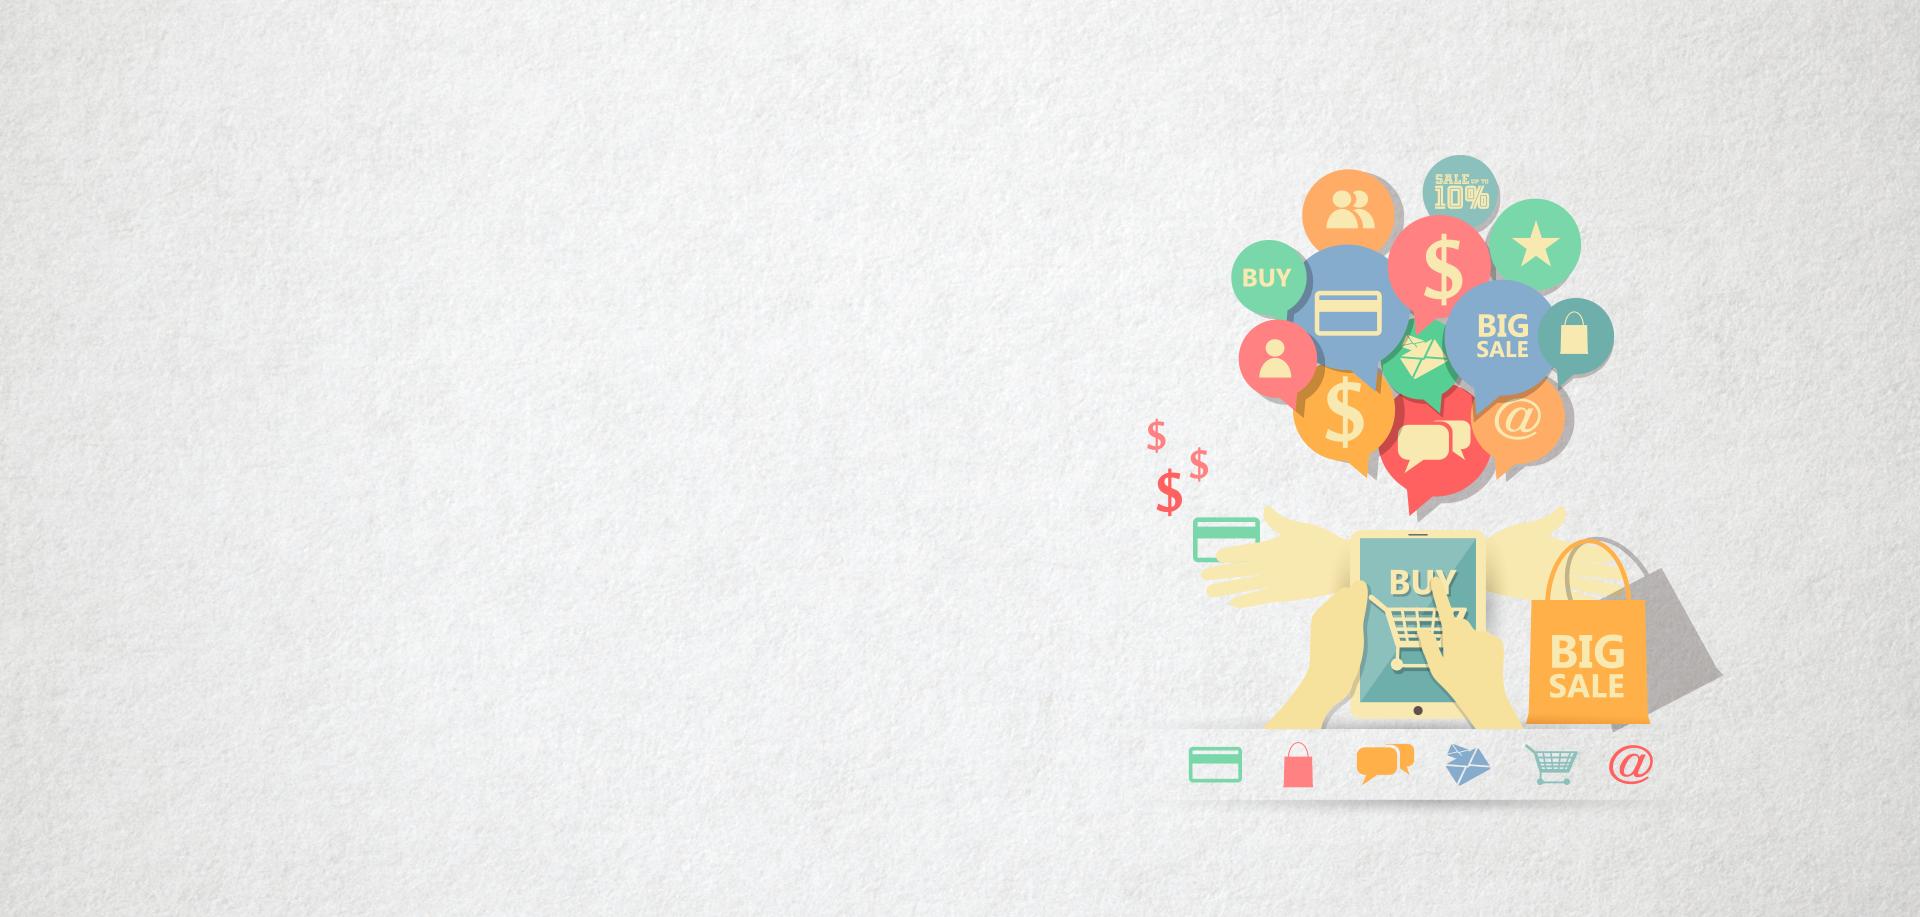 SMS Marketing Services Mumbai